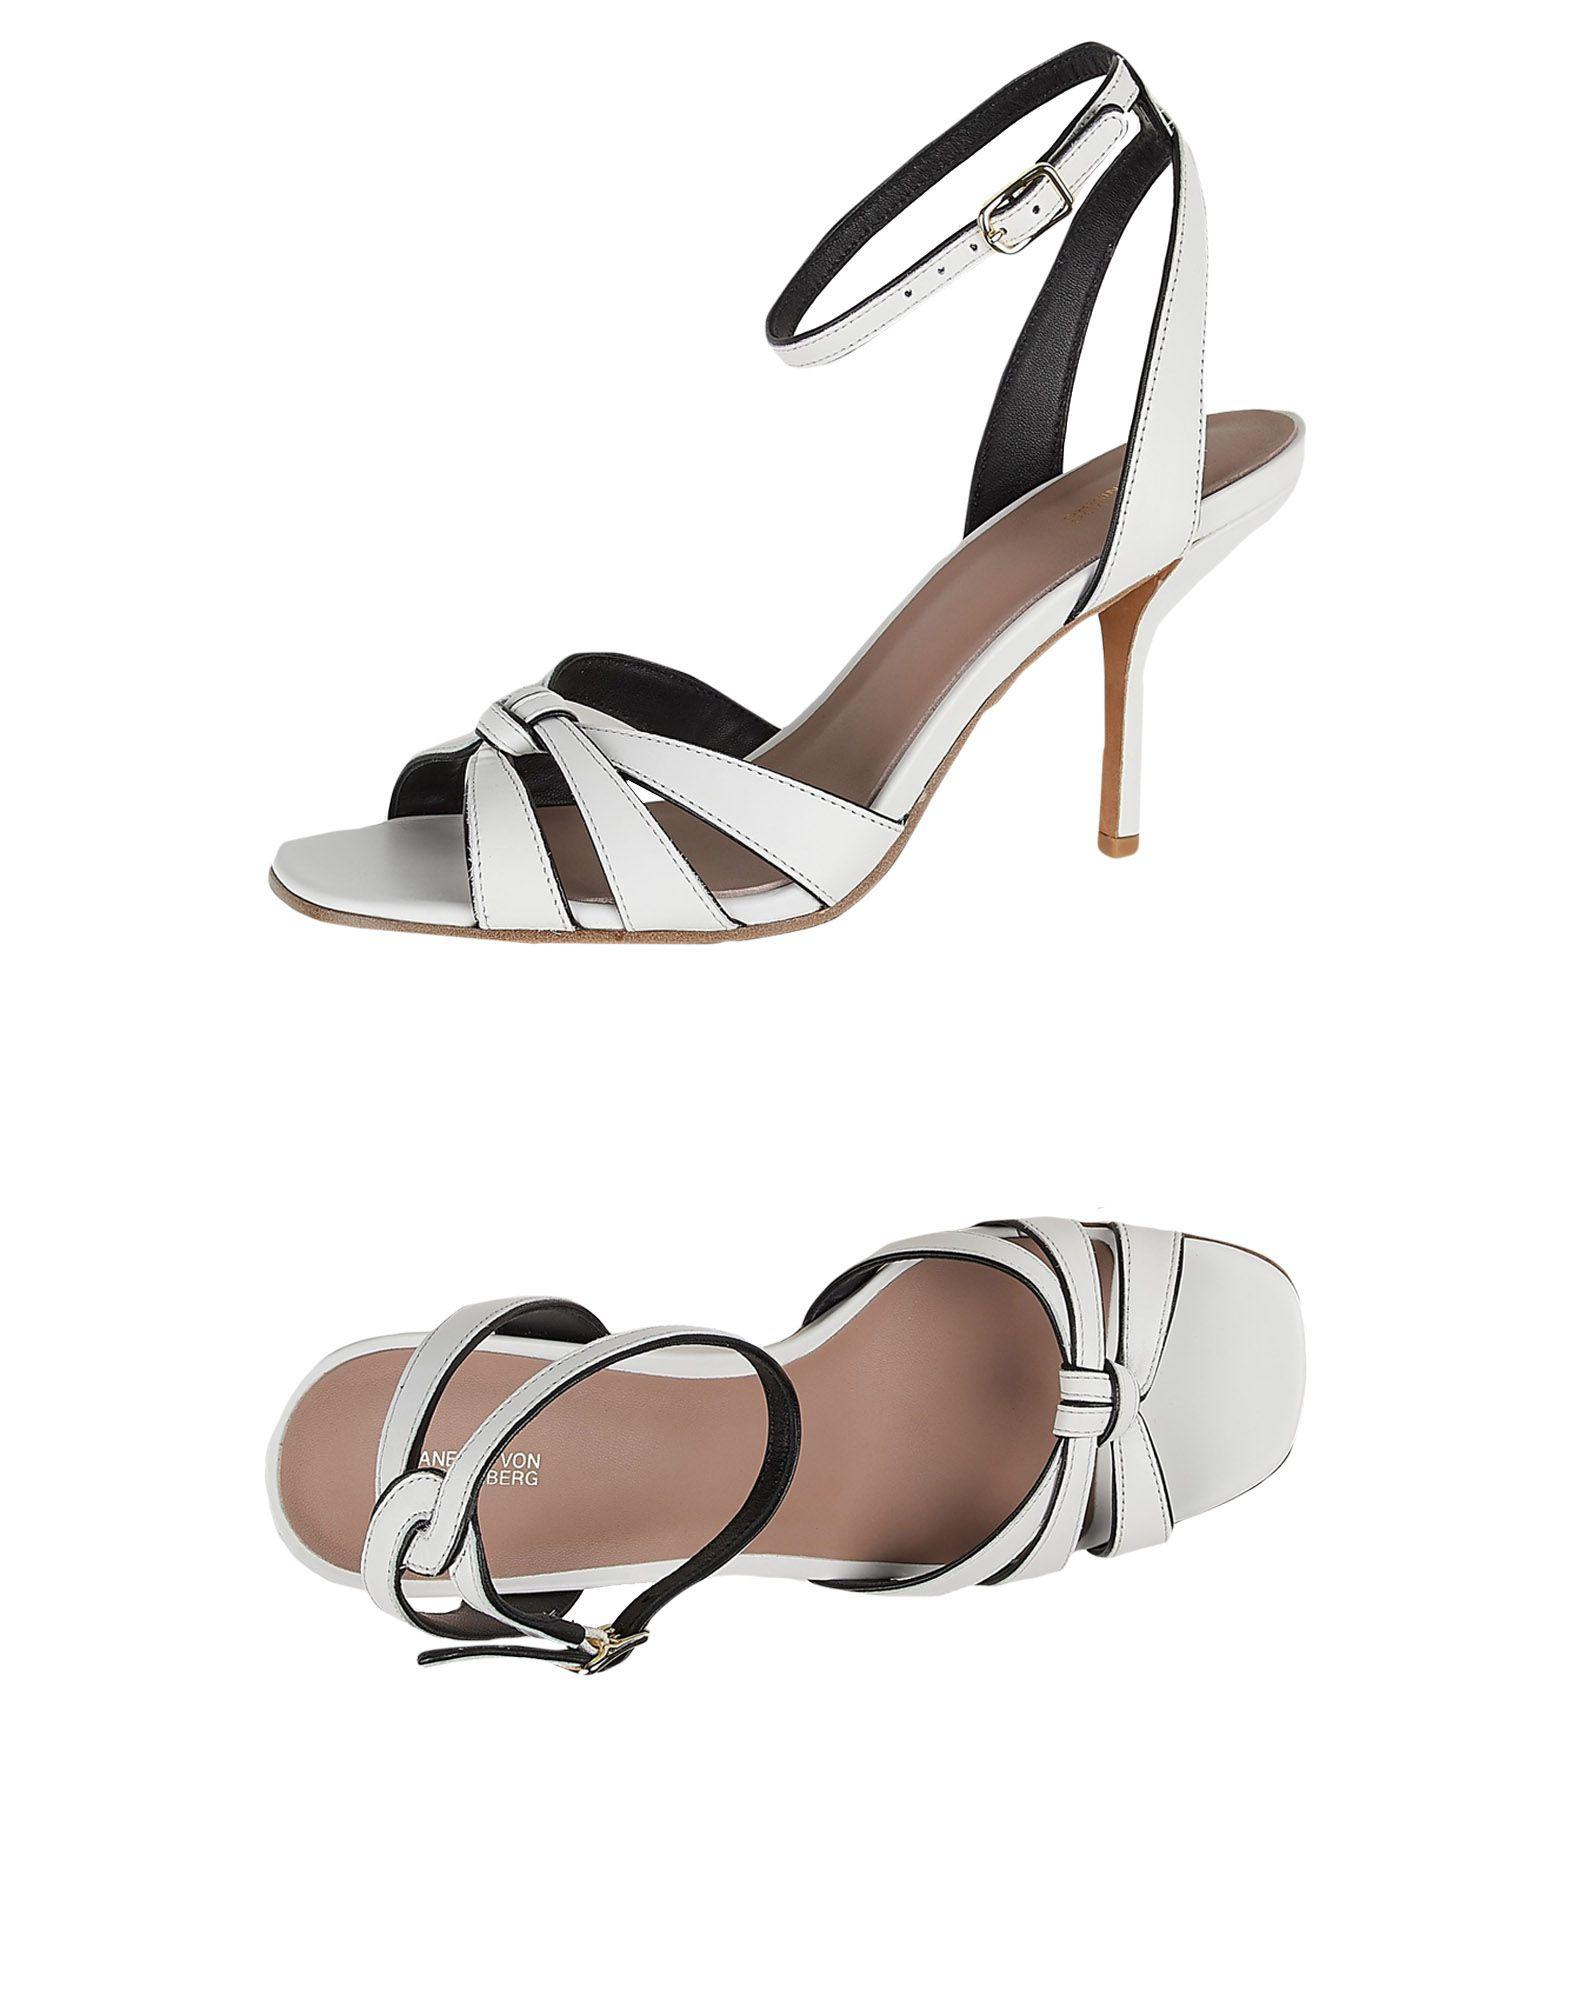 Diane Von Furstenberg Leathers Sandals